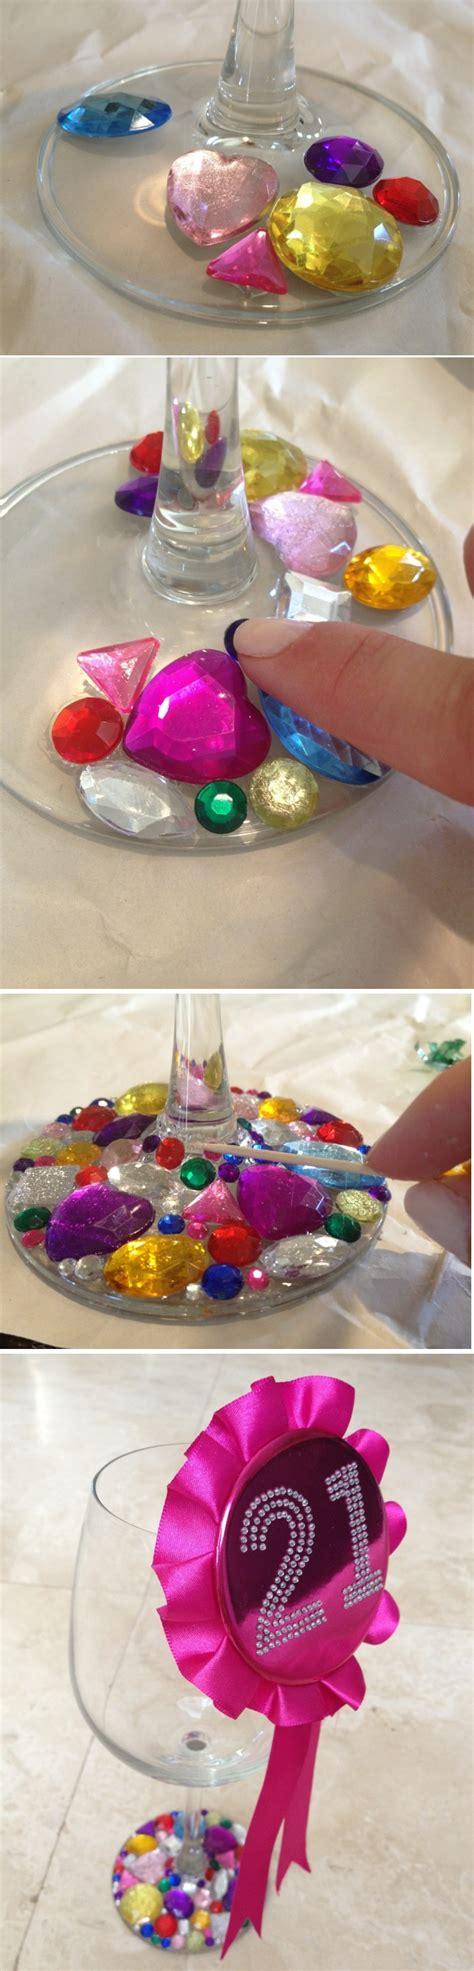 basteln mit gläsern 1001 ideen wie sie kreativ weingl 228 ser dekorieren k 246 nnen